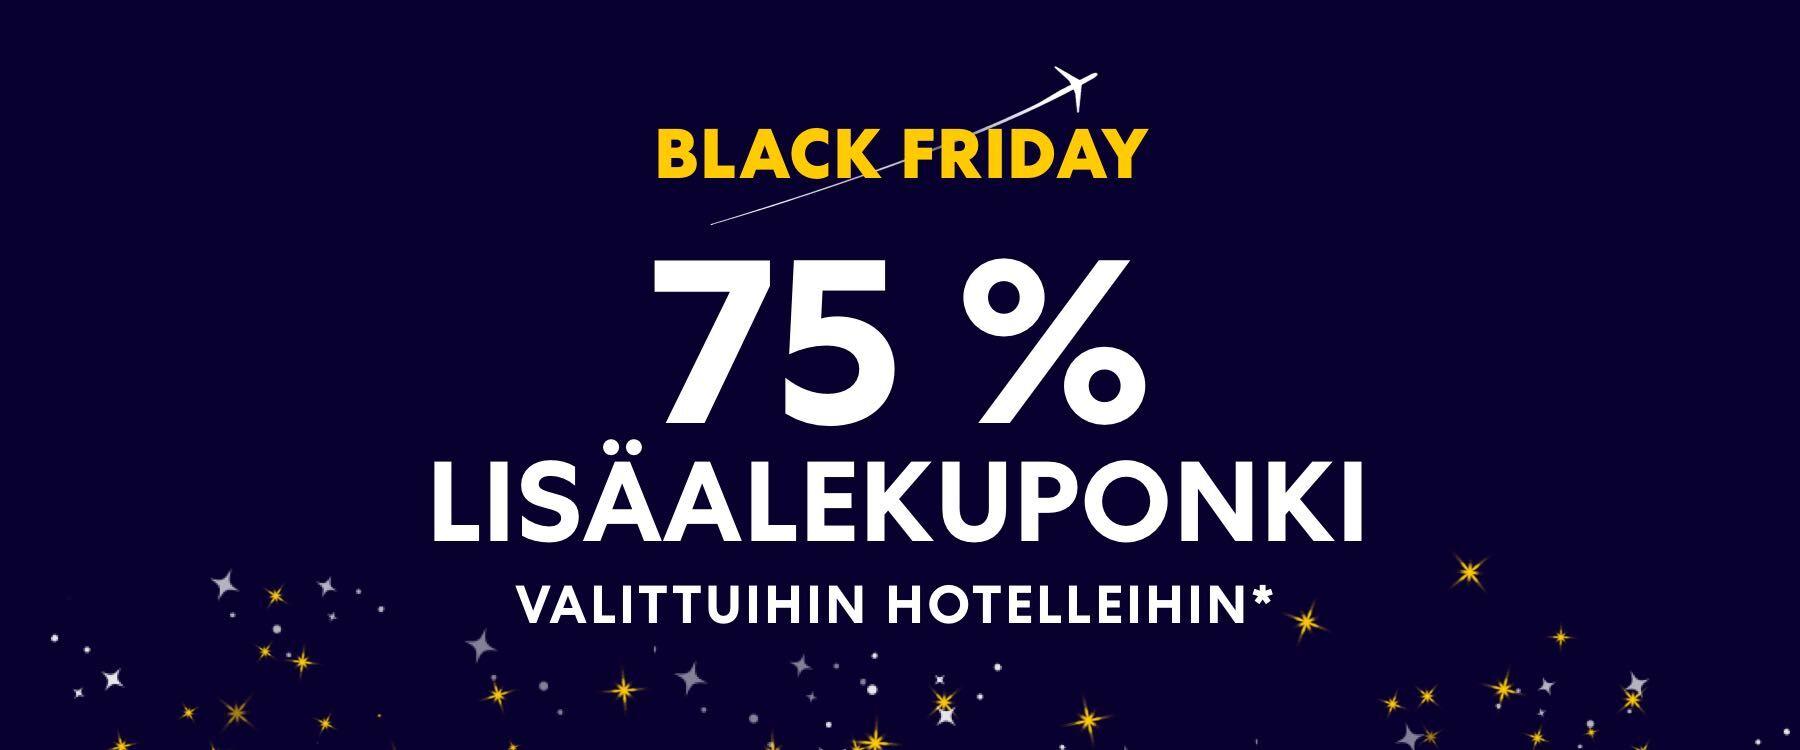 Black Friday Lennot